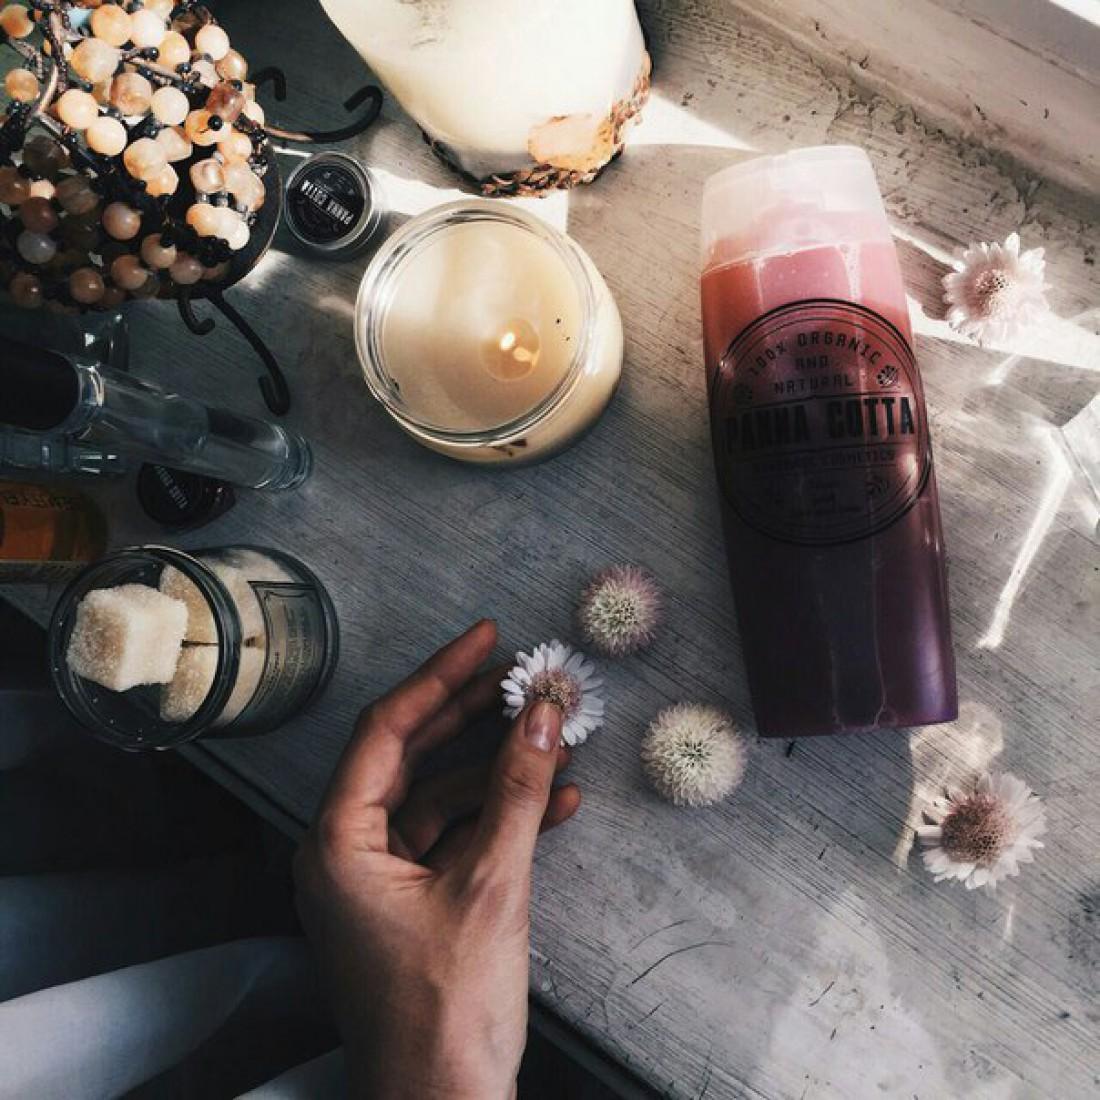 Натуральный гель для душа с ароматом лесных ягод Panna Cotta, 70 грн.